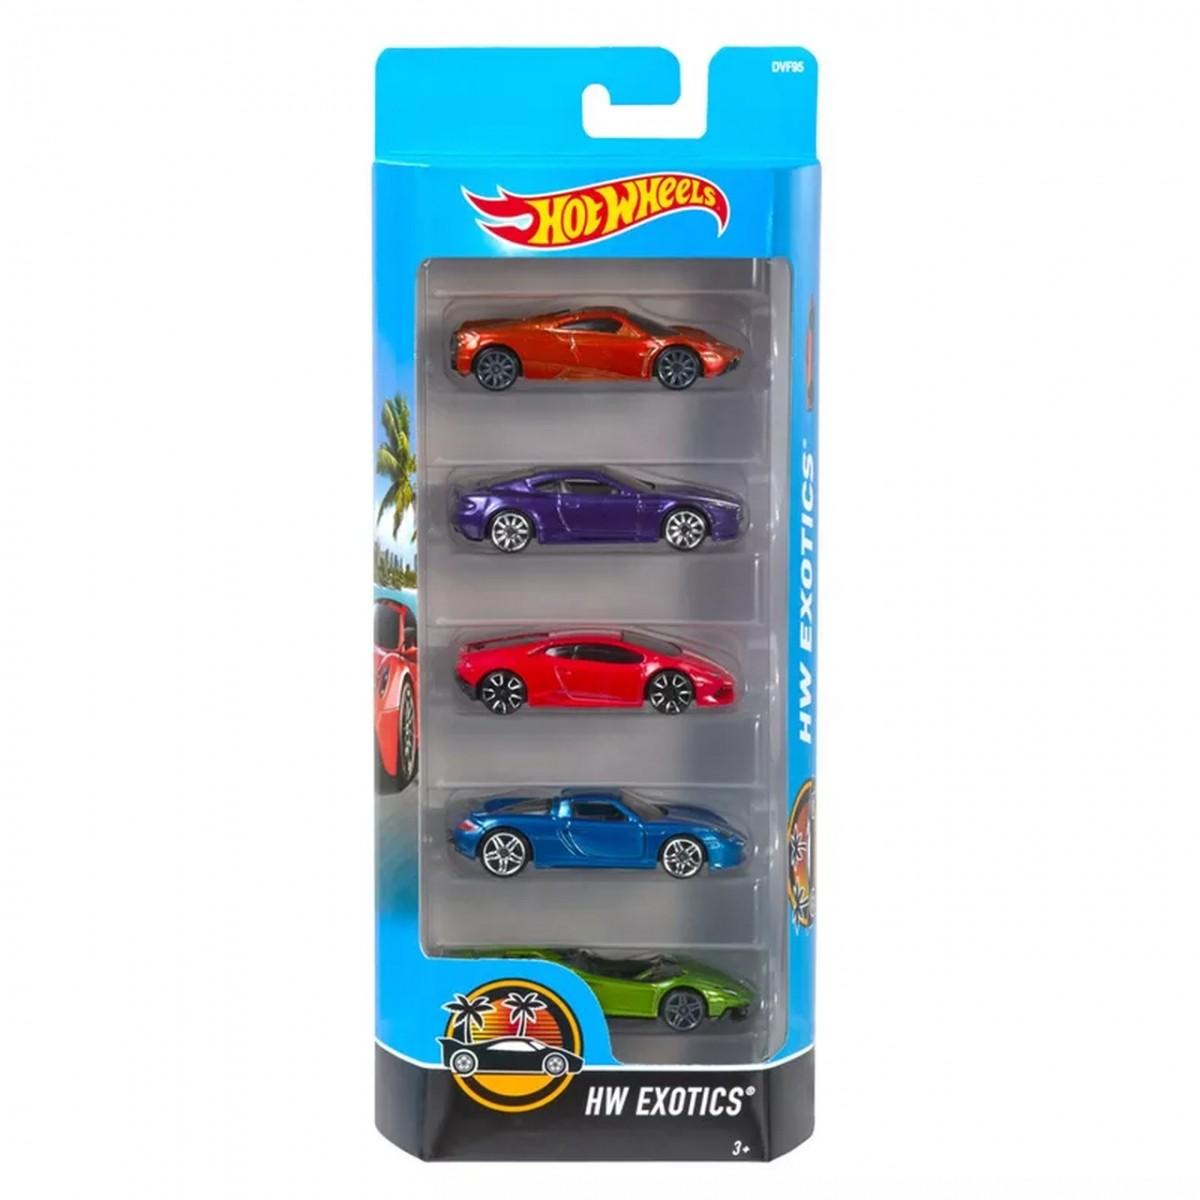 Carrinho Hot Wheels (Set com 5 Carros) HW Exotics (B)